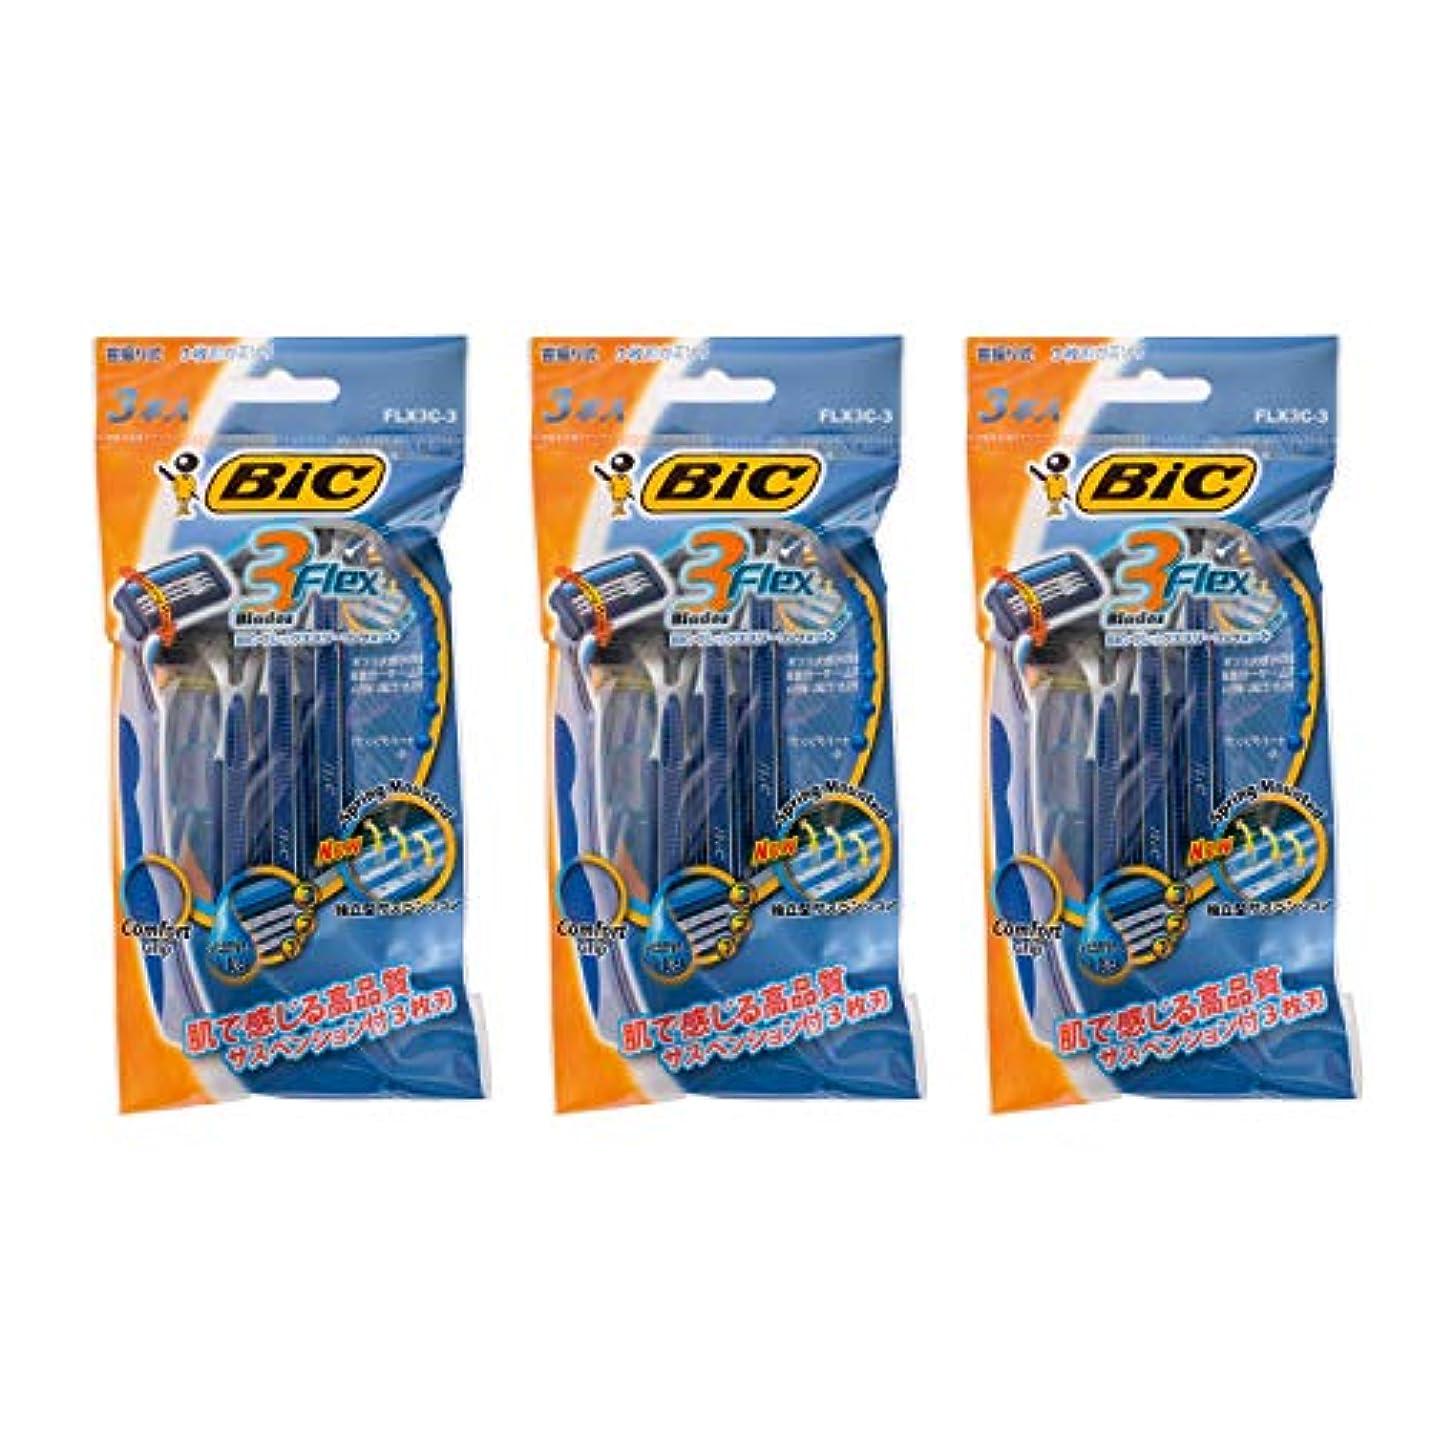 実験をするどこにでもお気に入りビック BIC フレックス3 コンフォート3本入 x 3パック(9本) FLEX3 3枚刃 使い捨てカミソリ 首振り サスペンション ディスポ